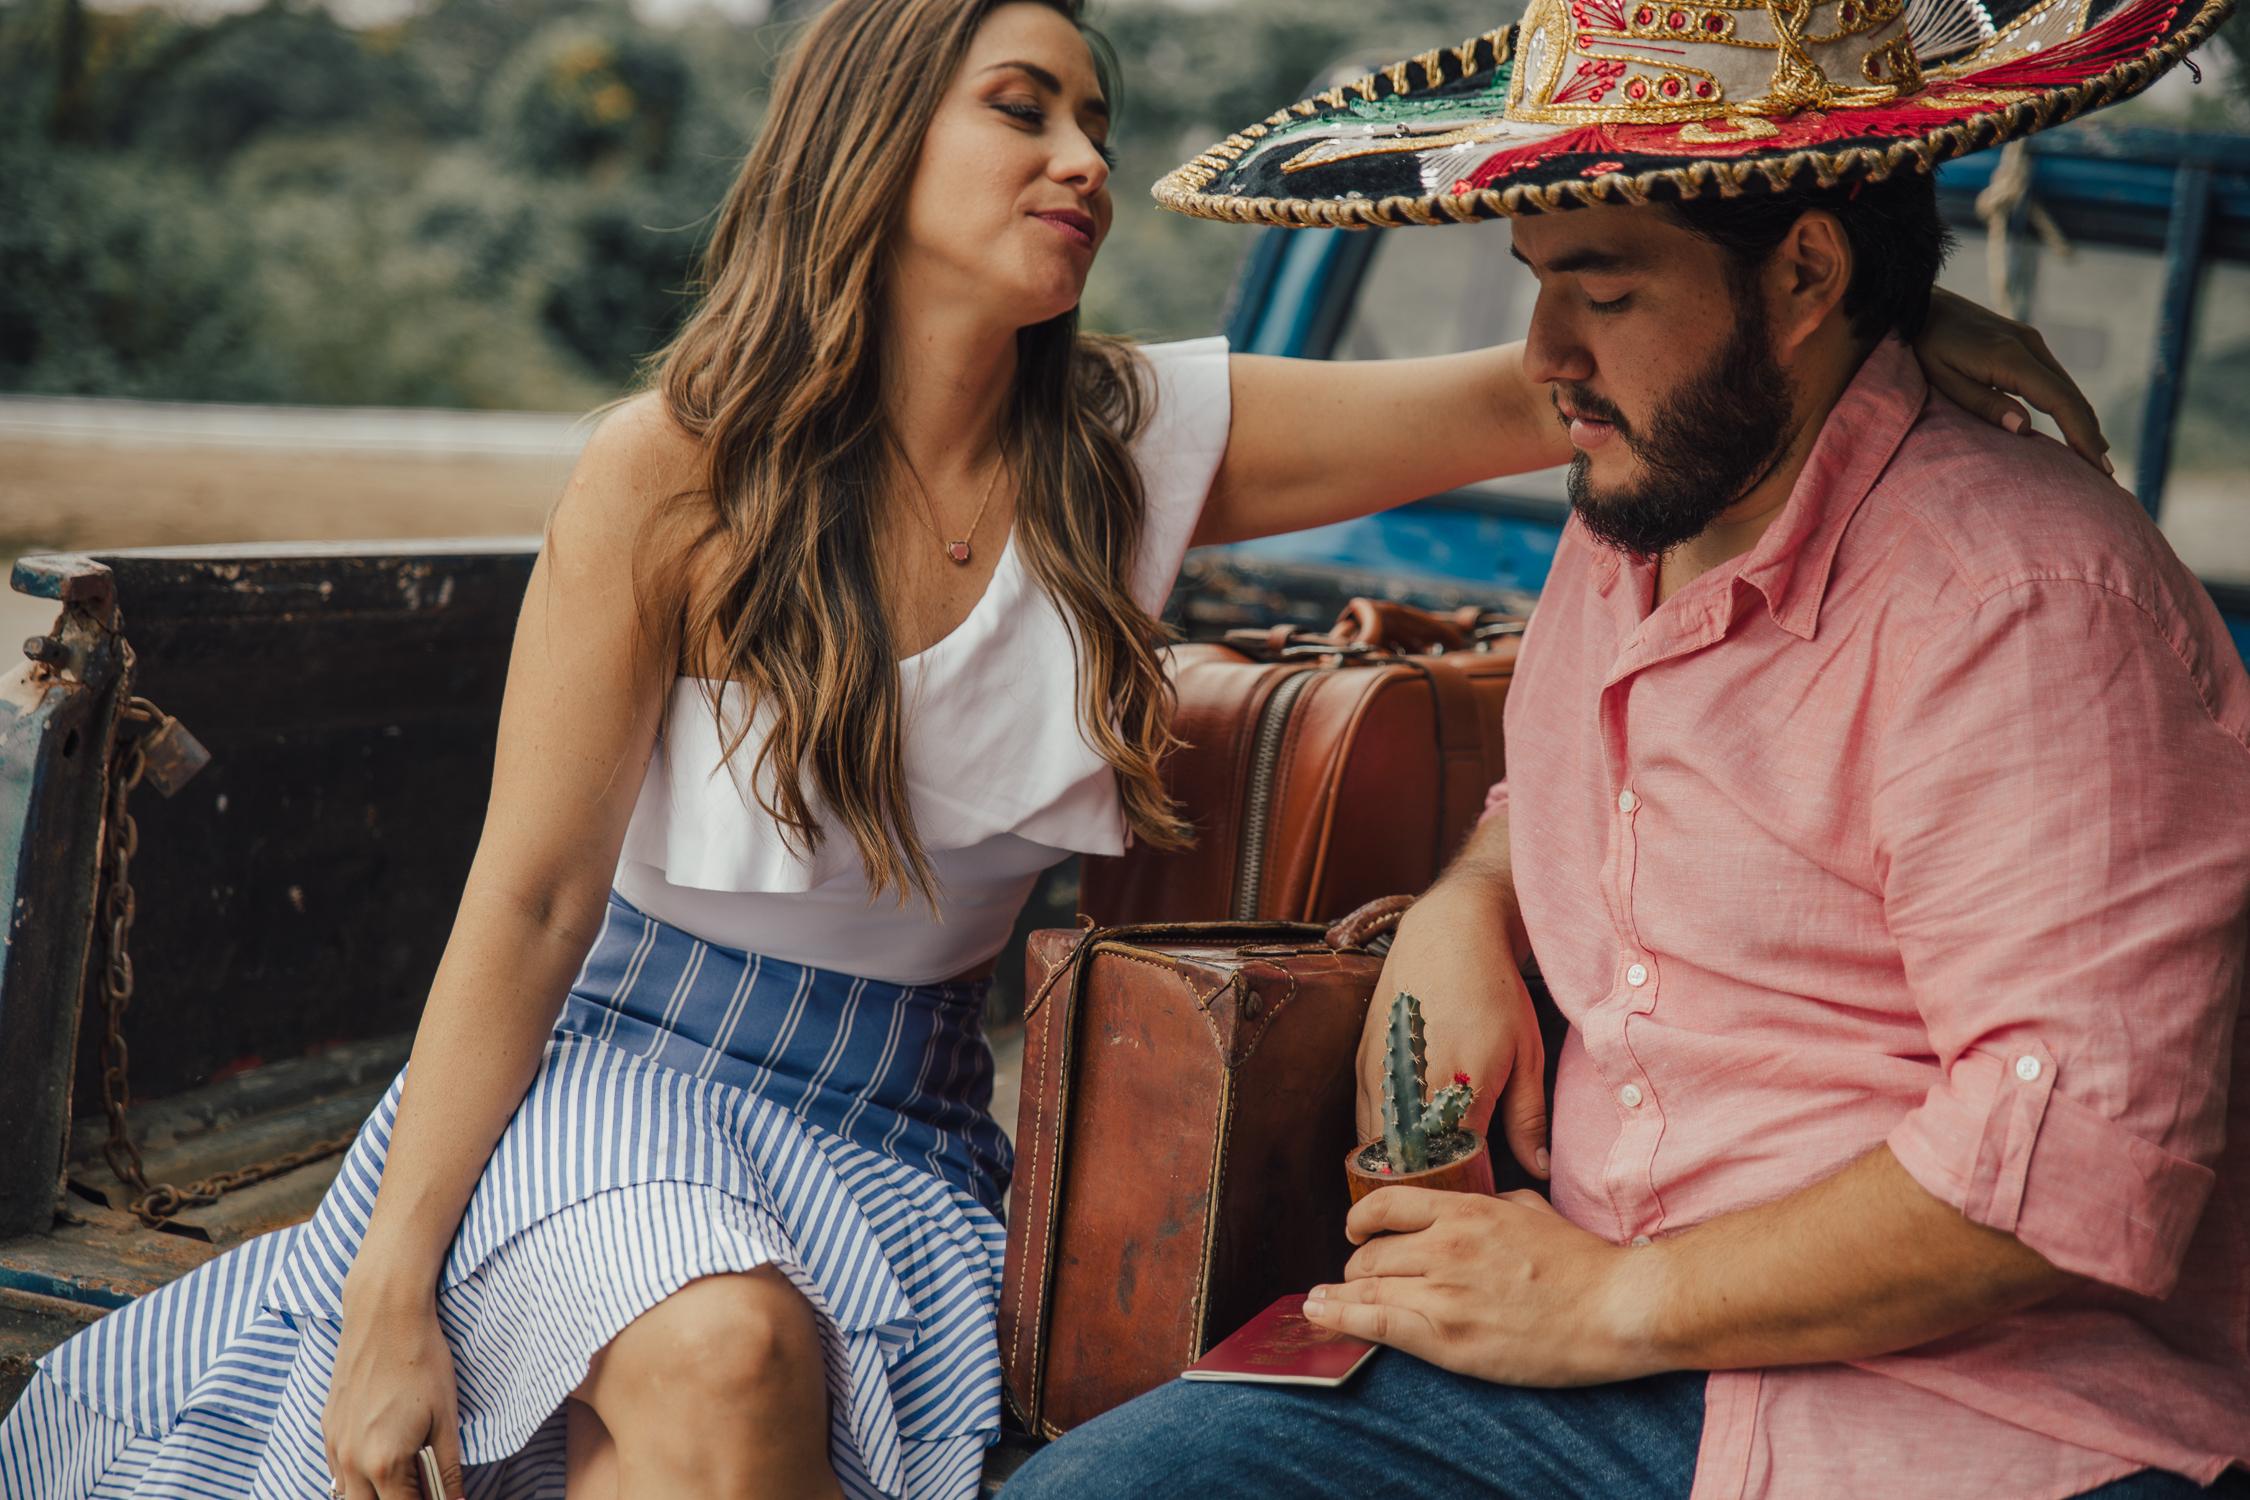 Michelle-Agurto-Fotografia-Bodas-Ecuador-Destination-Wedding-Photographer-Sesion-Maria-Gracia-Bonfy-63.JPG